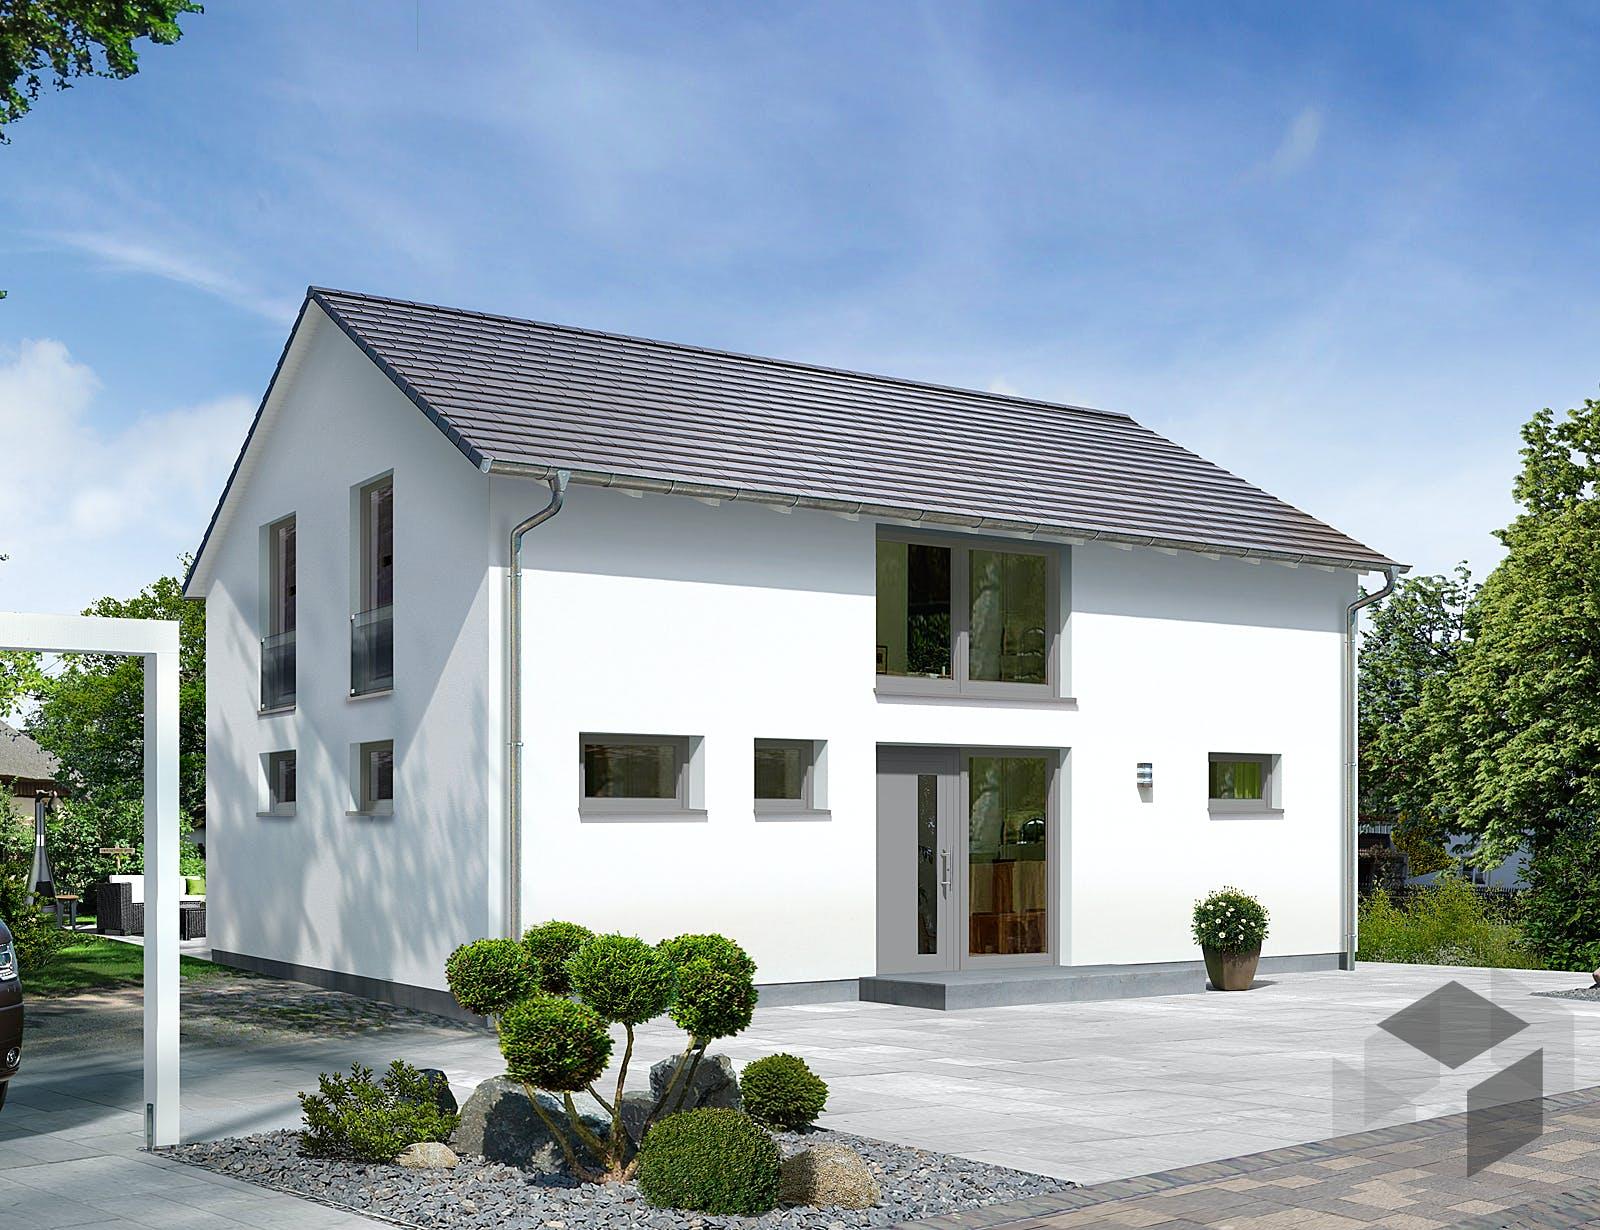 Einfamilienhaus Landhaus 20 Modern von Town & Country Haus ...